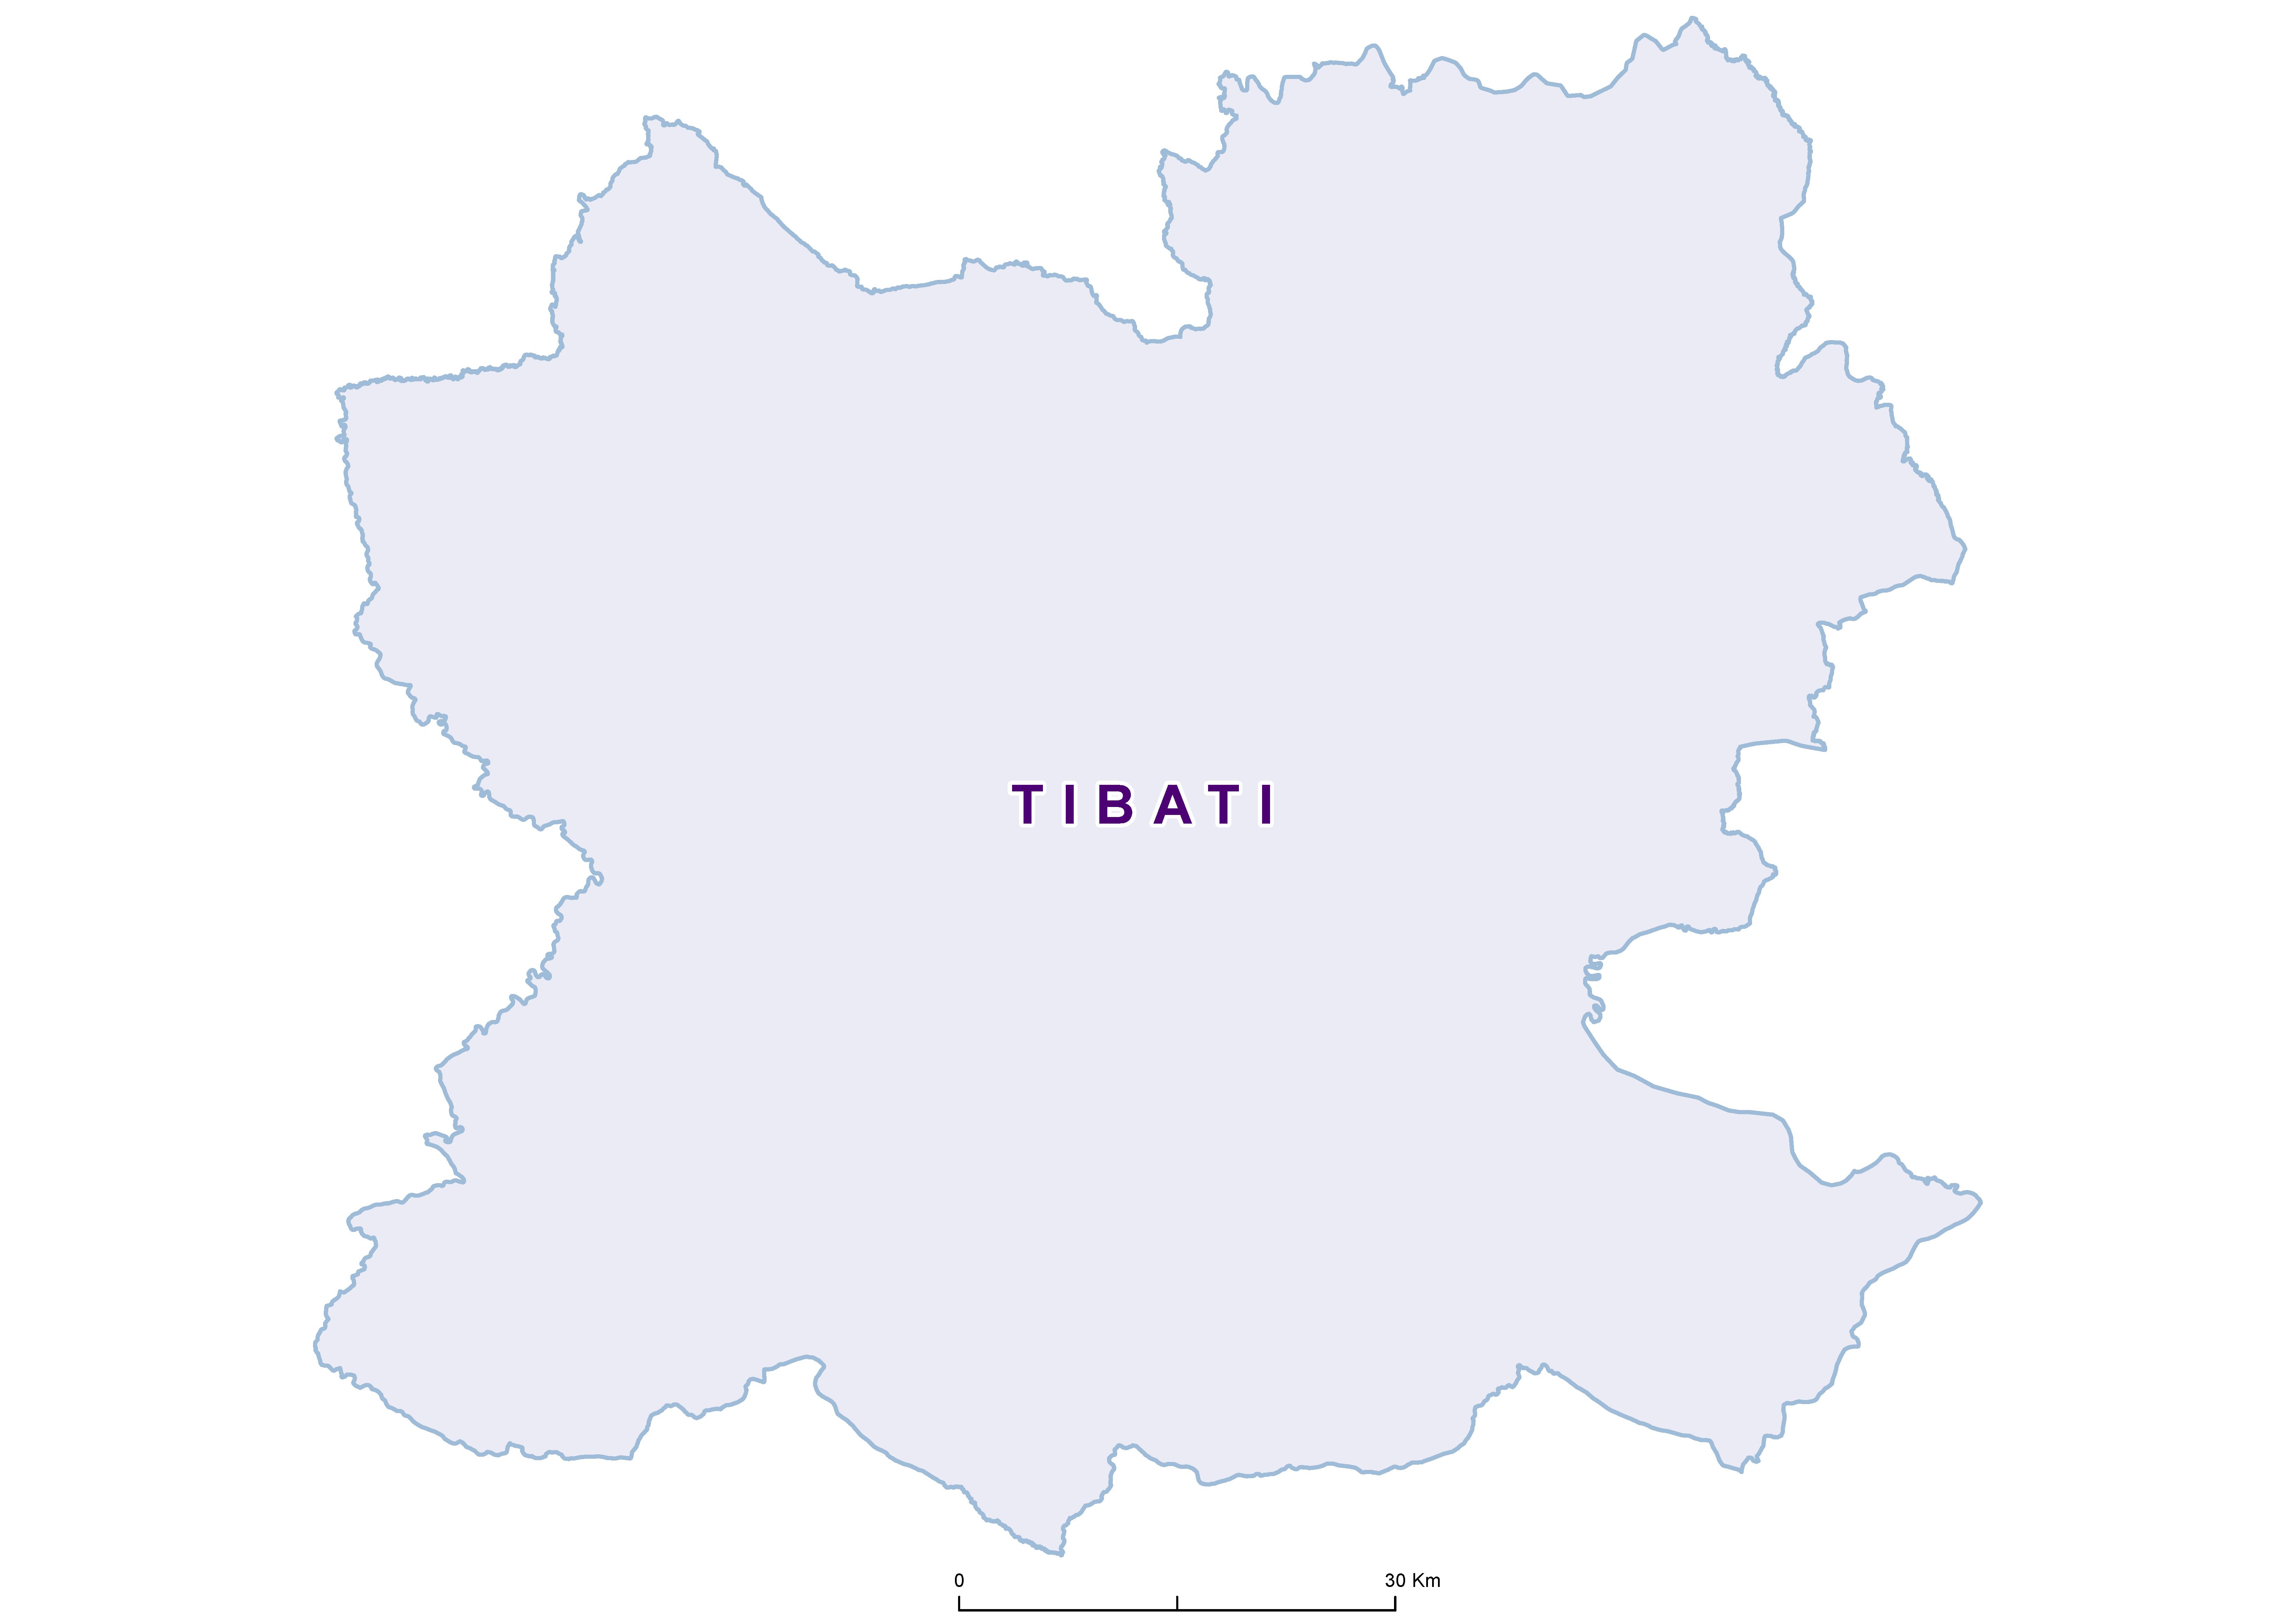 Tibati Mean SCH 20180001